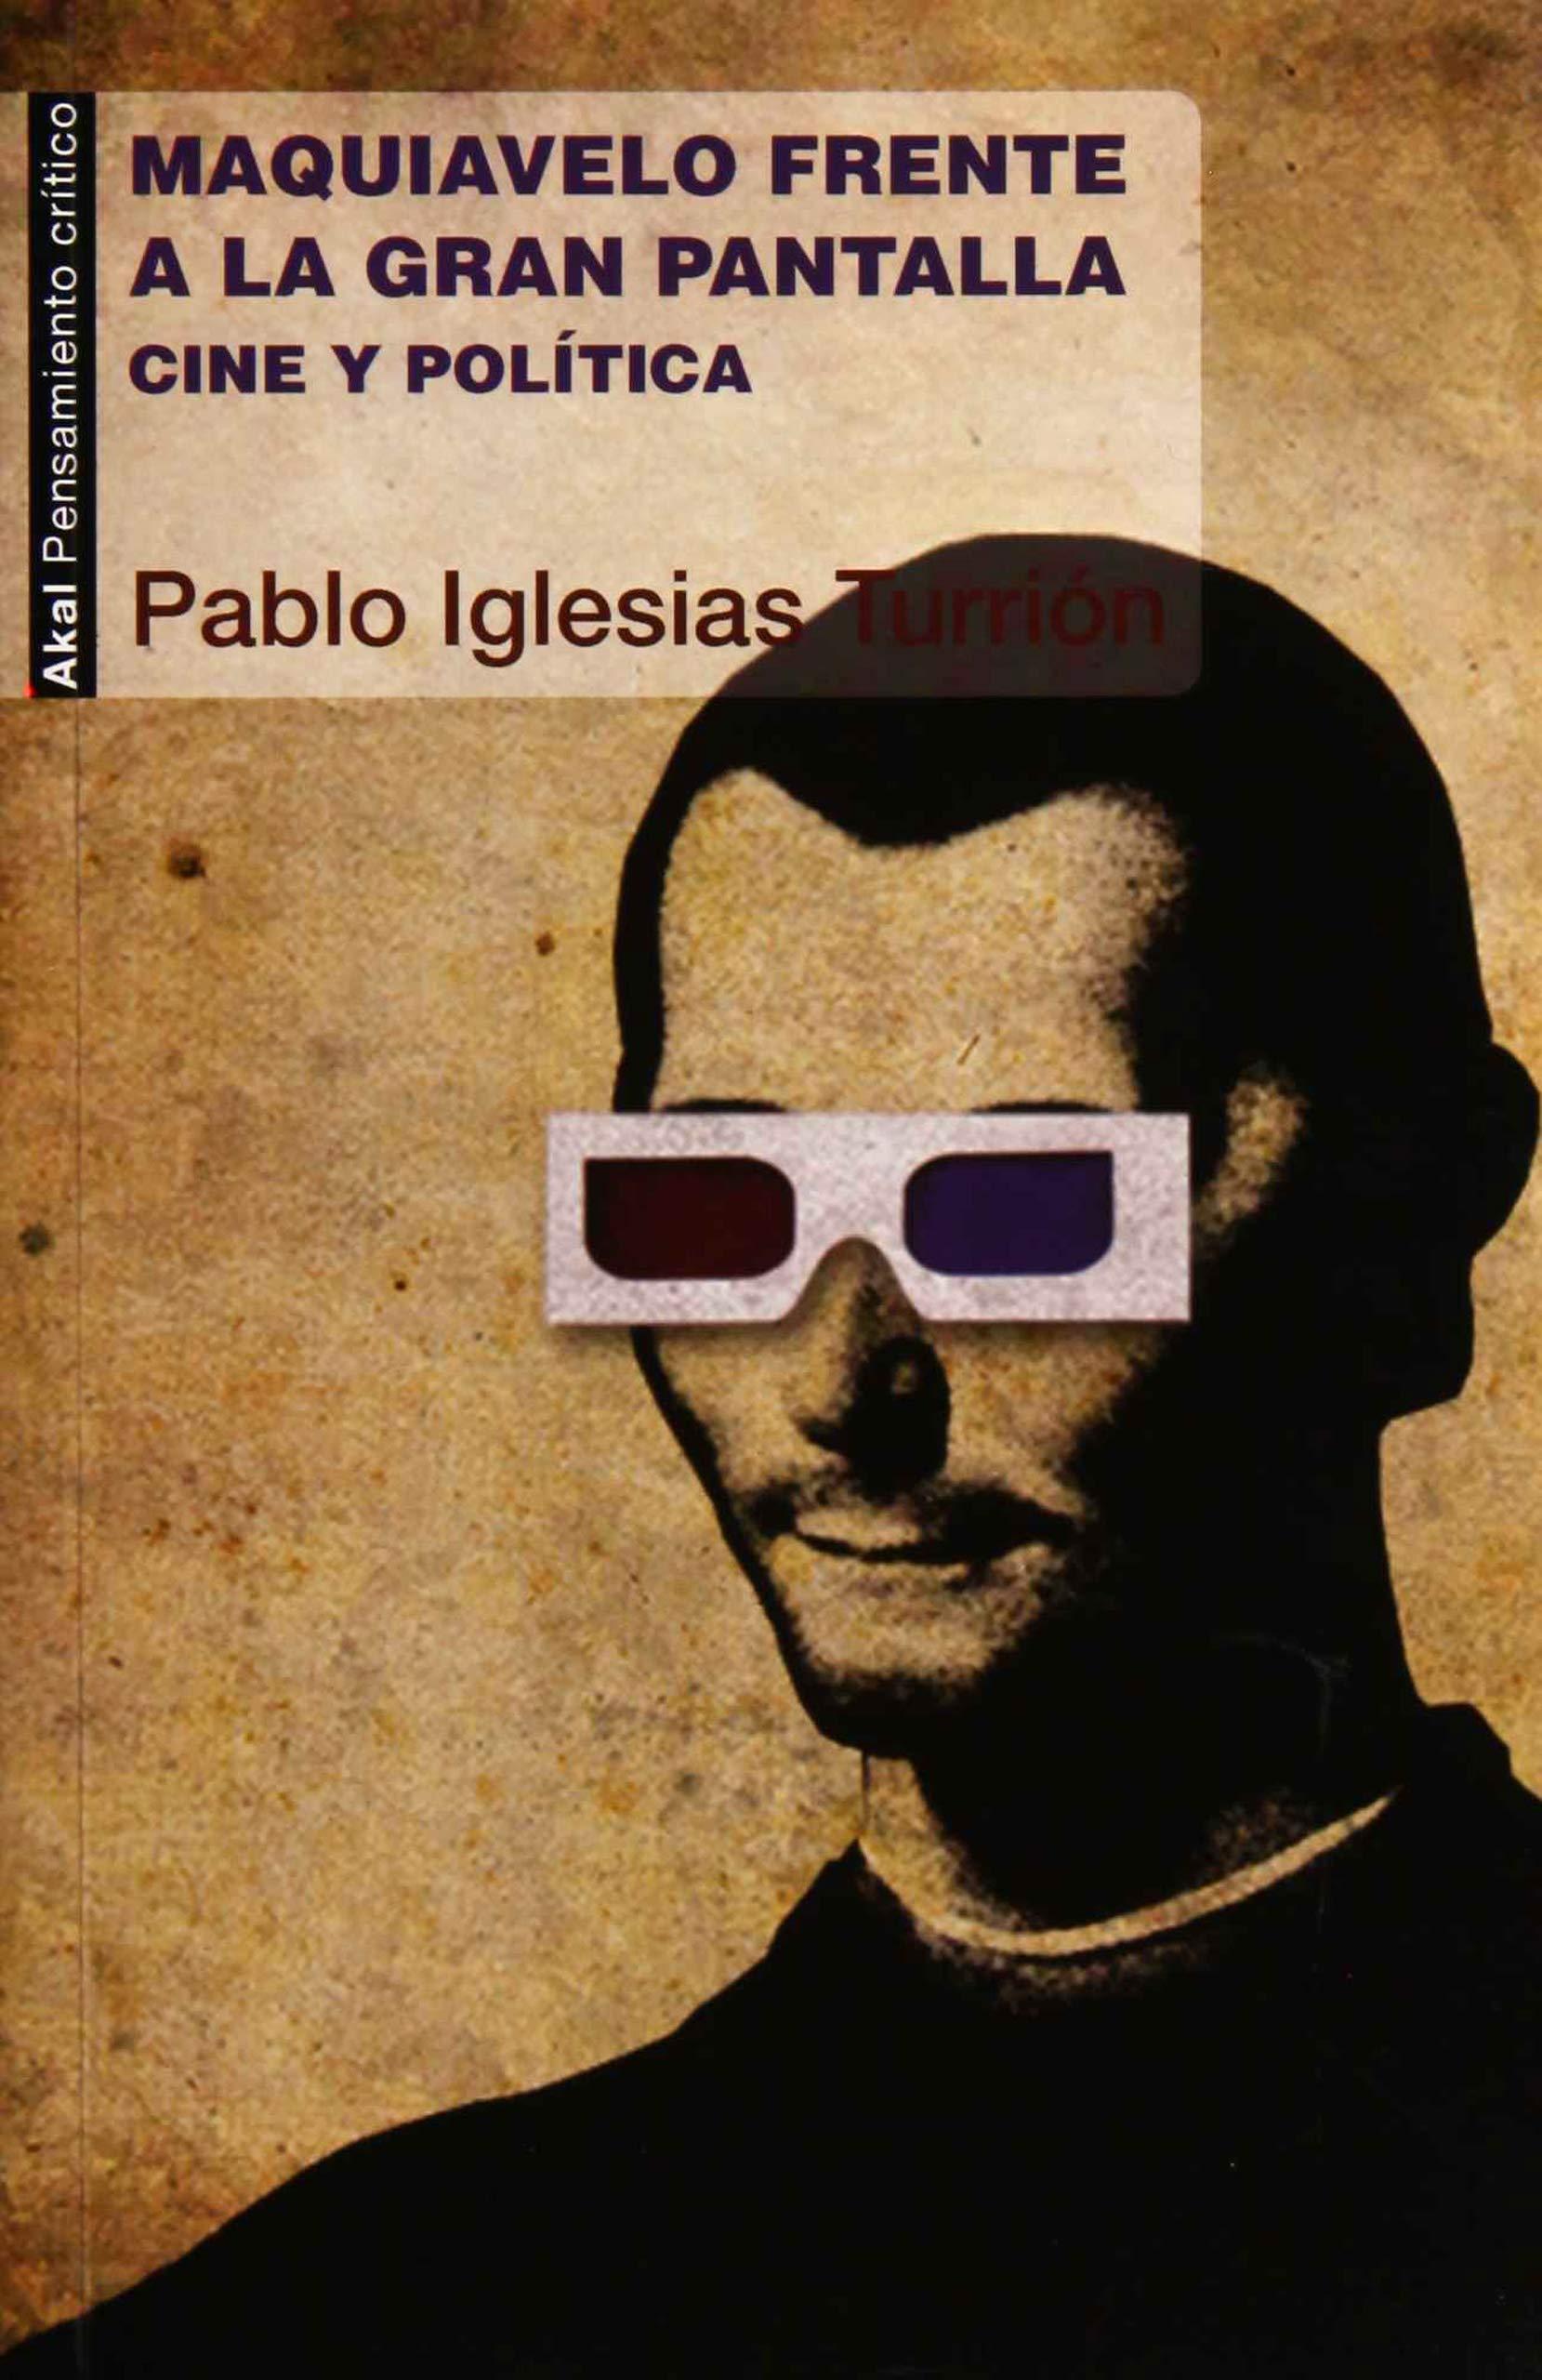 Maquiavelo frente a la gran pantalla. Cine y política: 24 Pensamiento crítico: Amazon.es: Iglesias Turrión, Pablo: Libros